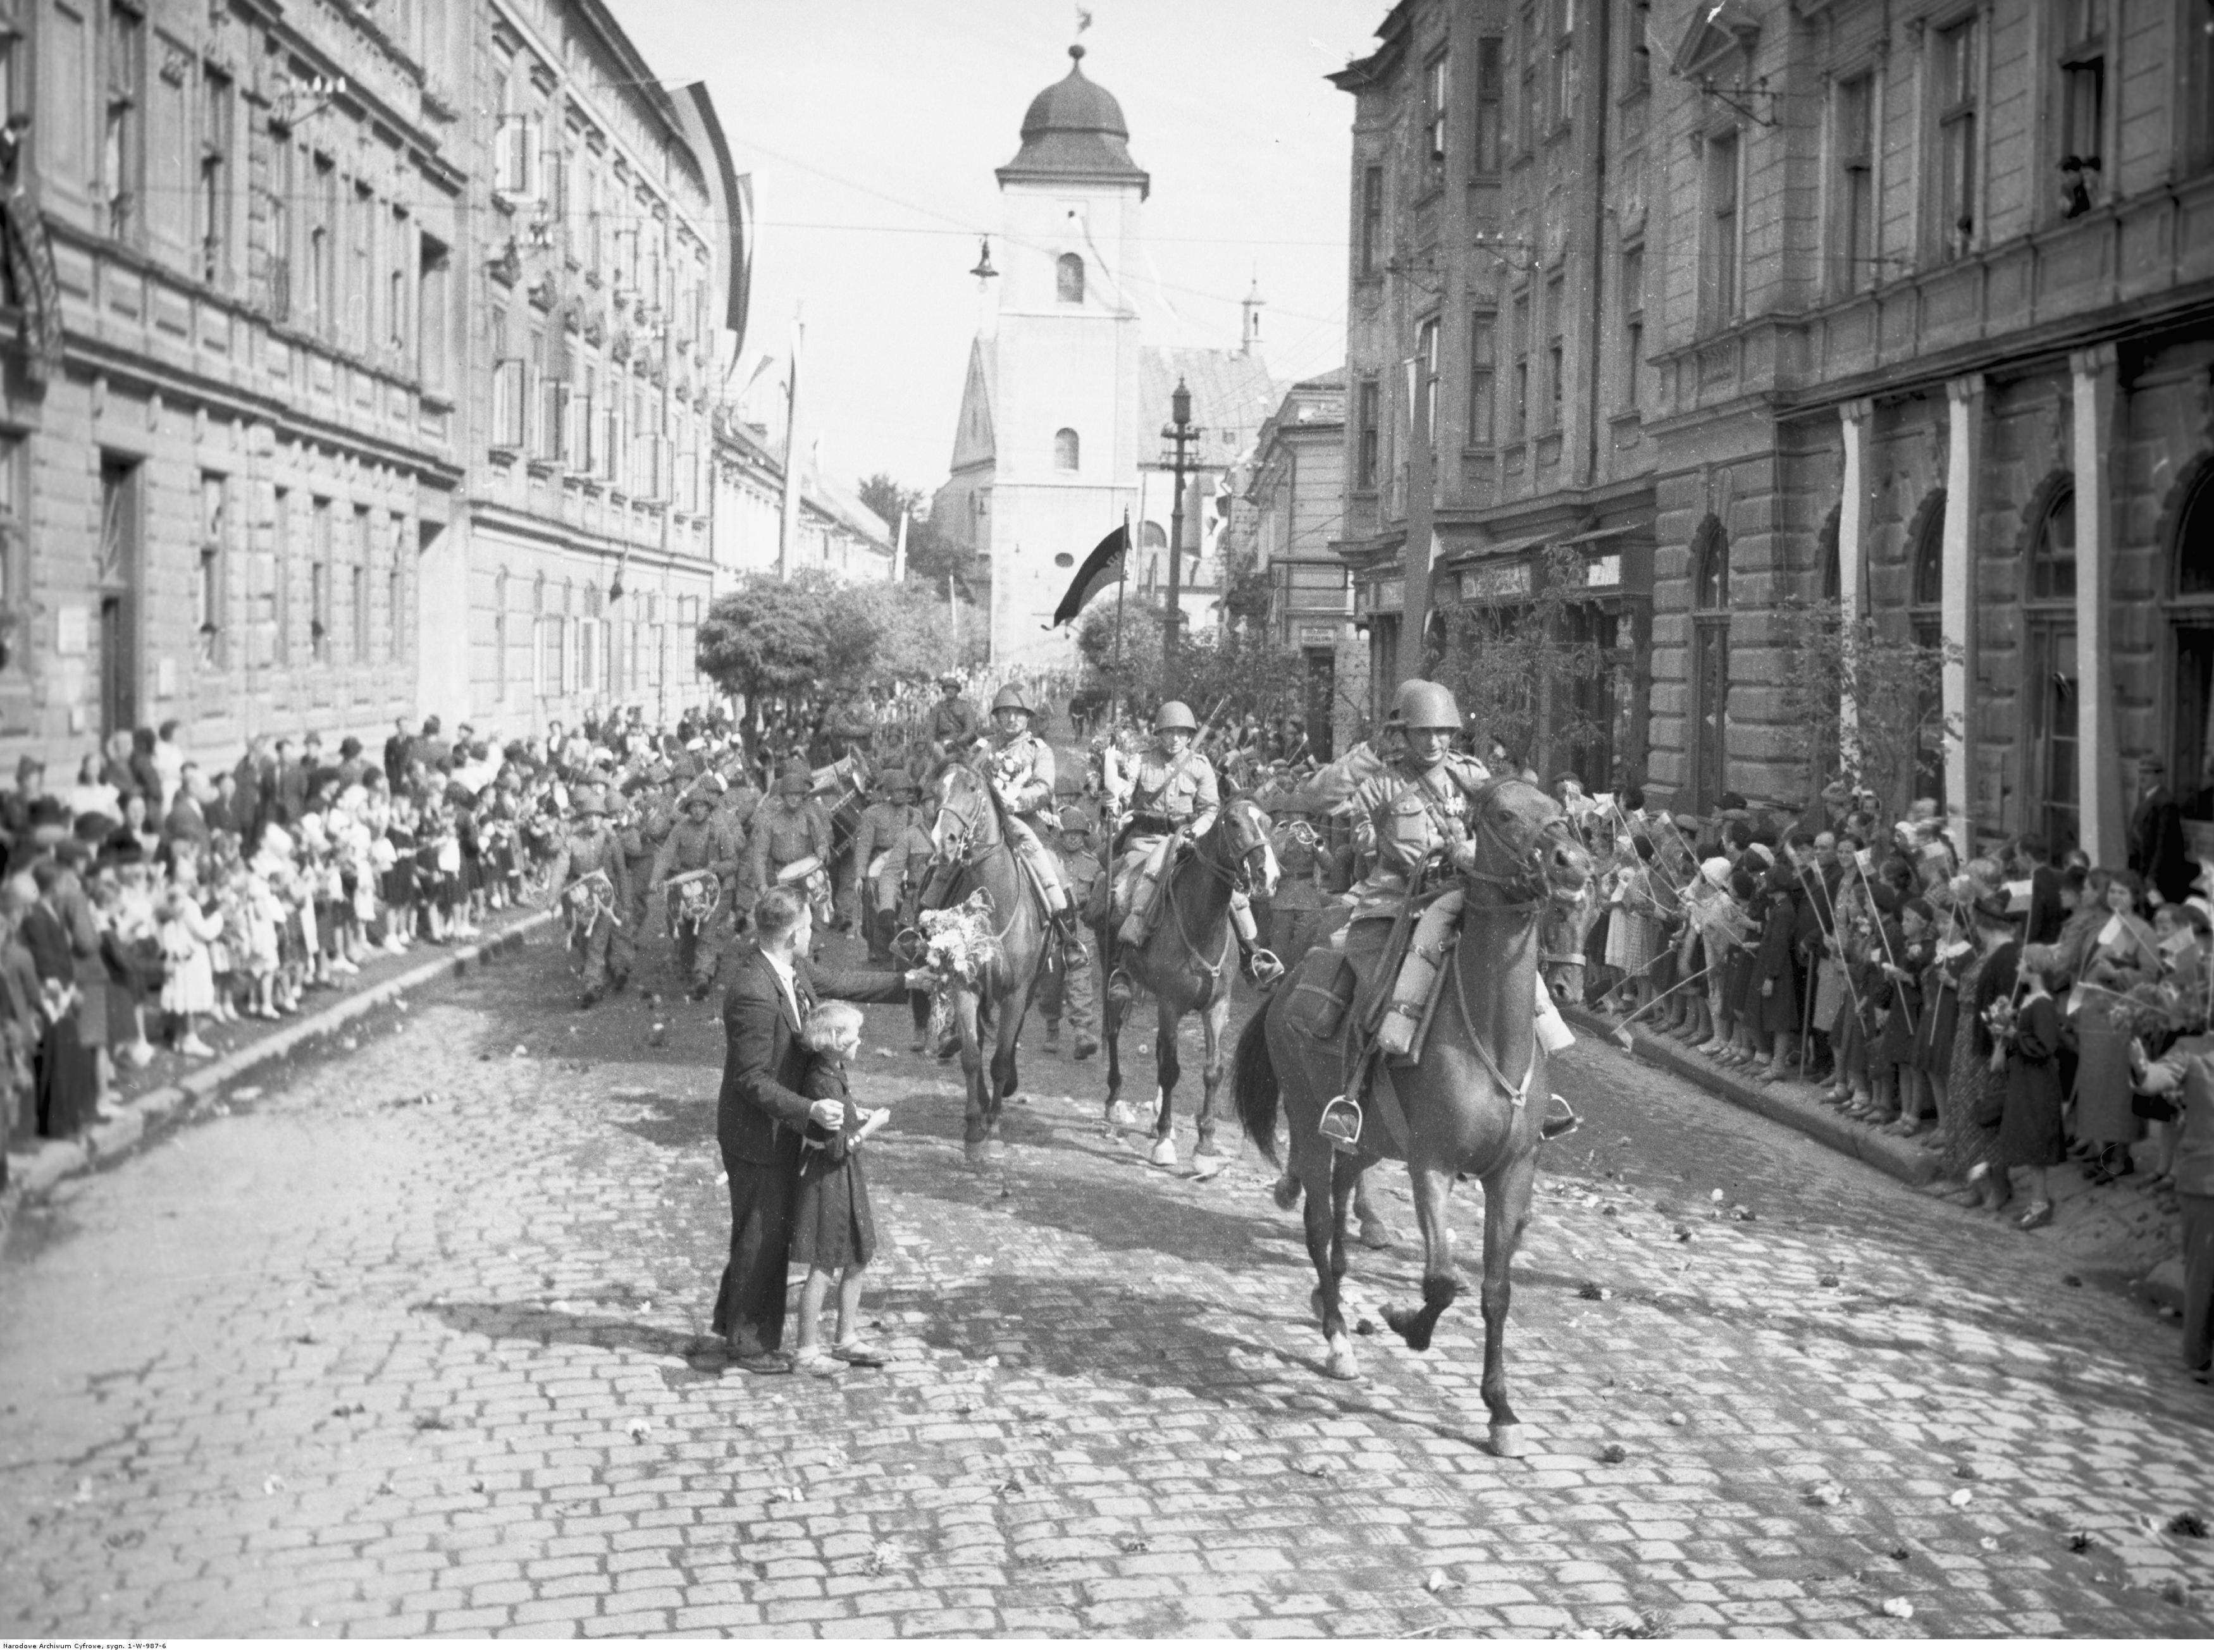 Powrót wojska po manewrach do Rzeszowa. Powitanie żołnierzy na jednej z ulic, rok 1938-09